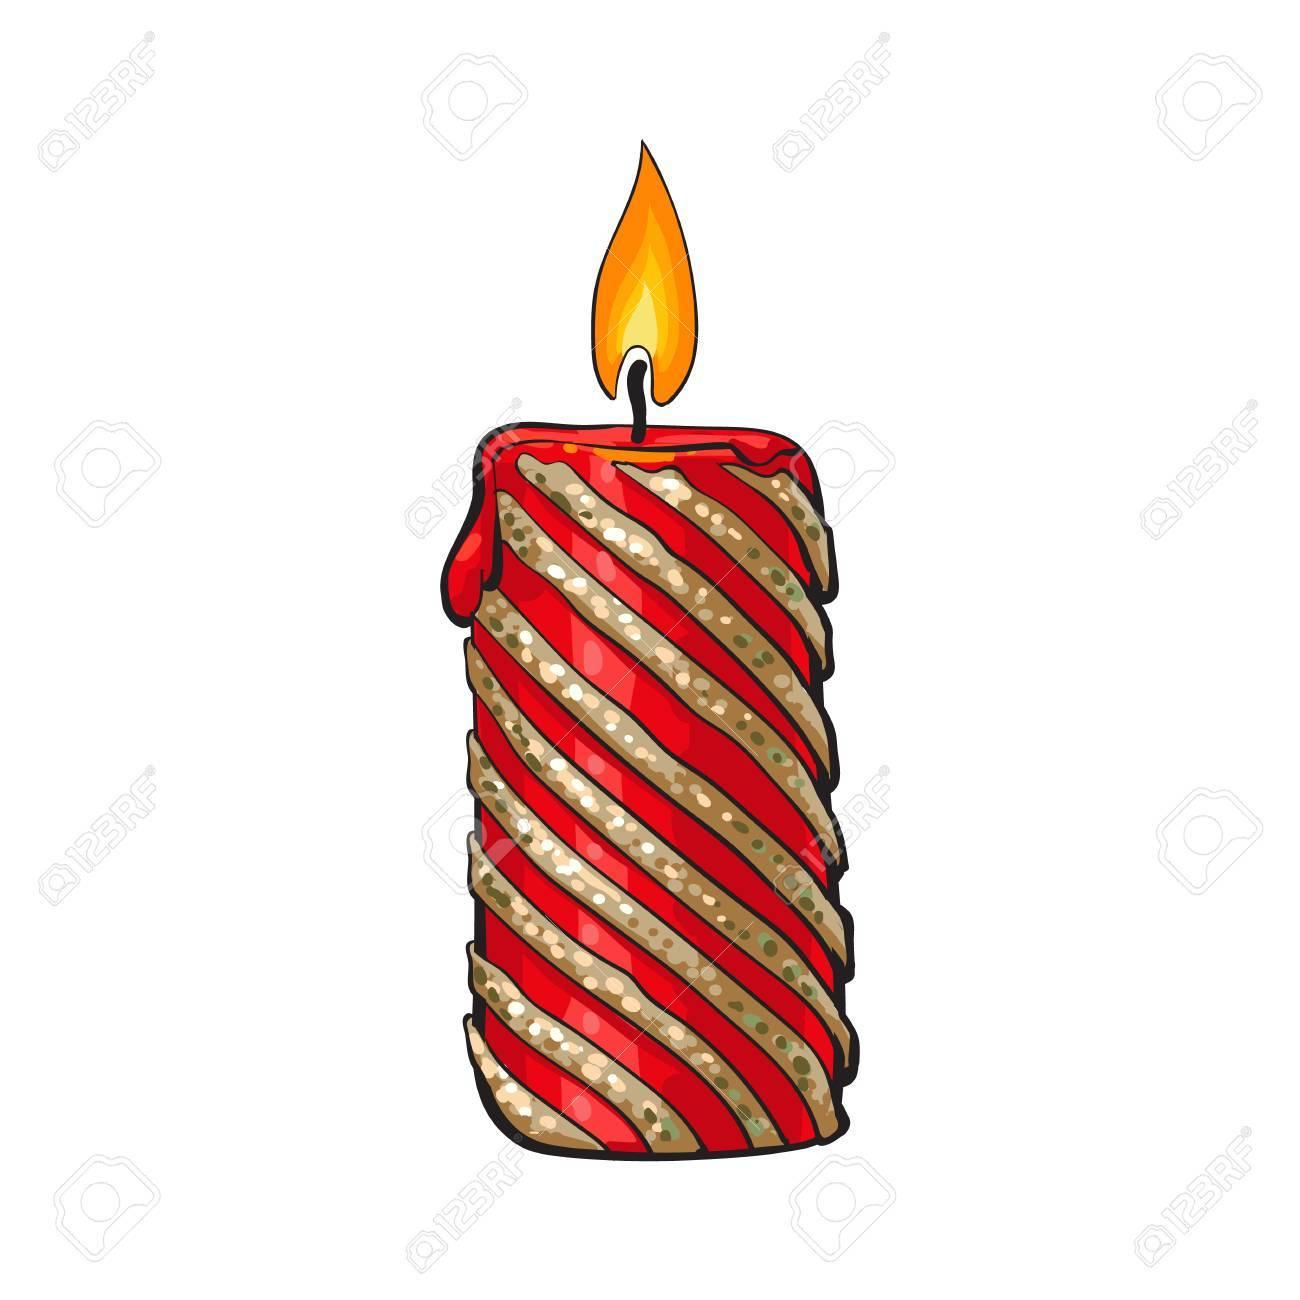 Brûler Noël Bougie, Dessin Animé Illustration Isolé Sur Fond Blanc. Noël,  Rouge Et Or Avènement Bougie De Couleur Avec Une Flamme, Élément De tout Dessin Sur Bougie